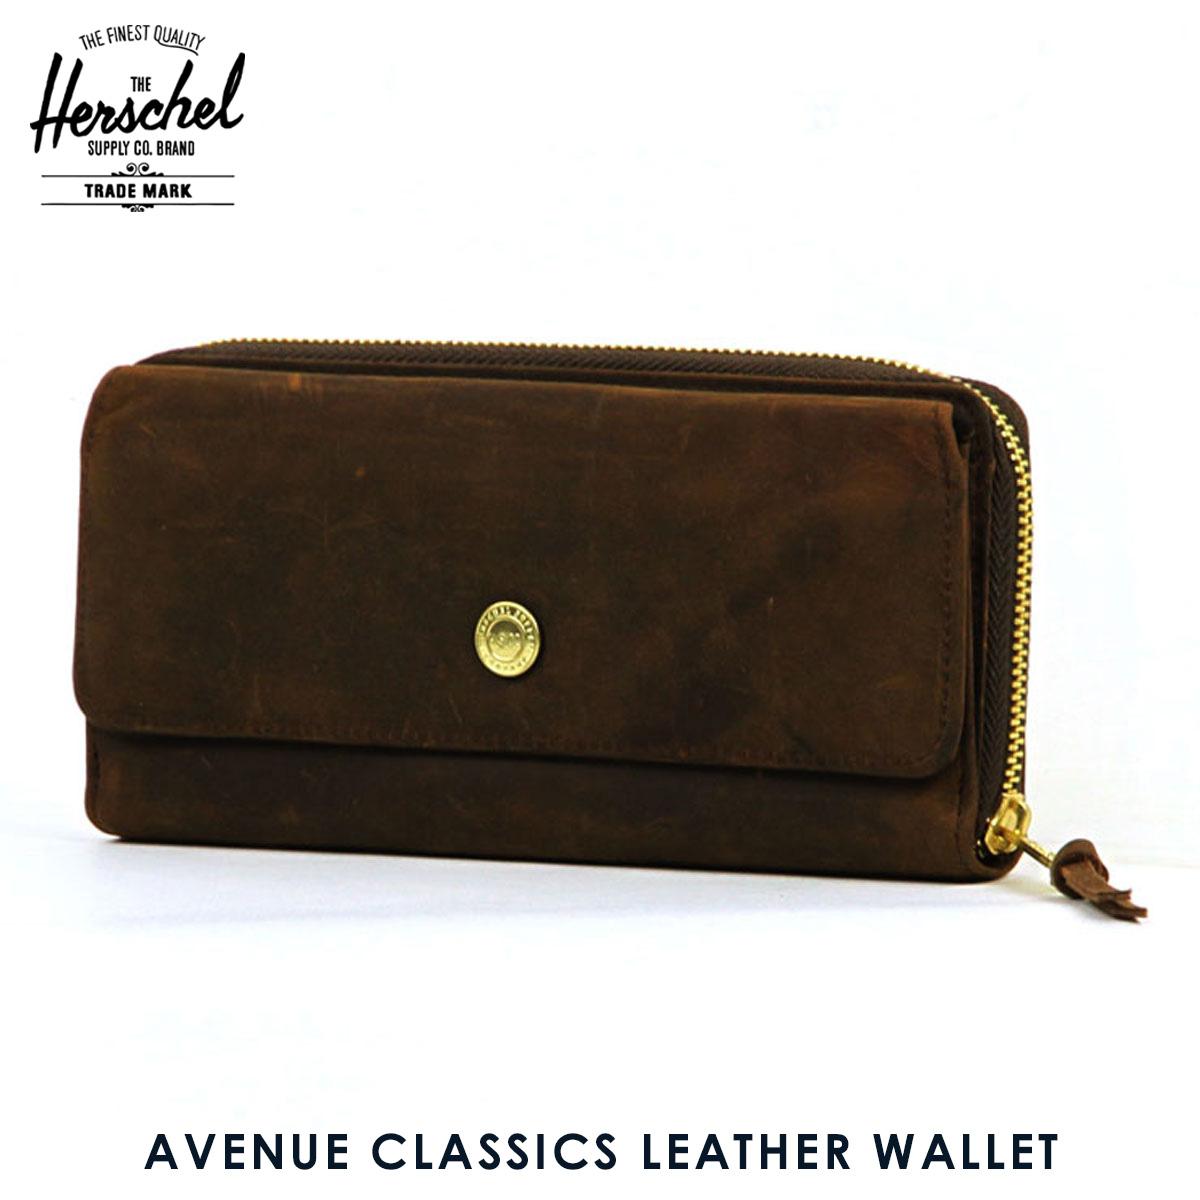 ハーシェル サプライ Herschel Supply 正規販売店 財布 AVENUE CLASSICS LEATHER WALLET 10259-00037-OS NUBUCK LEATHER D00S20